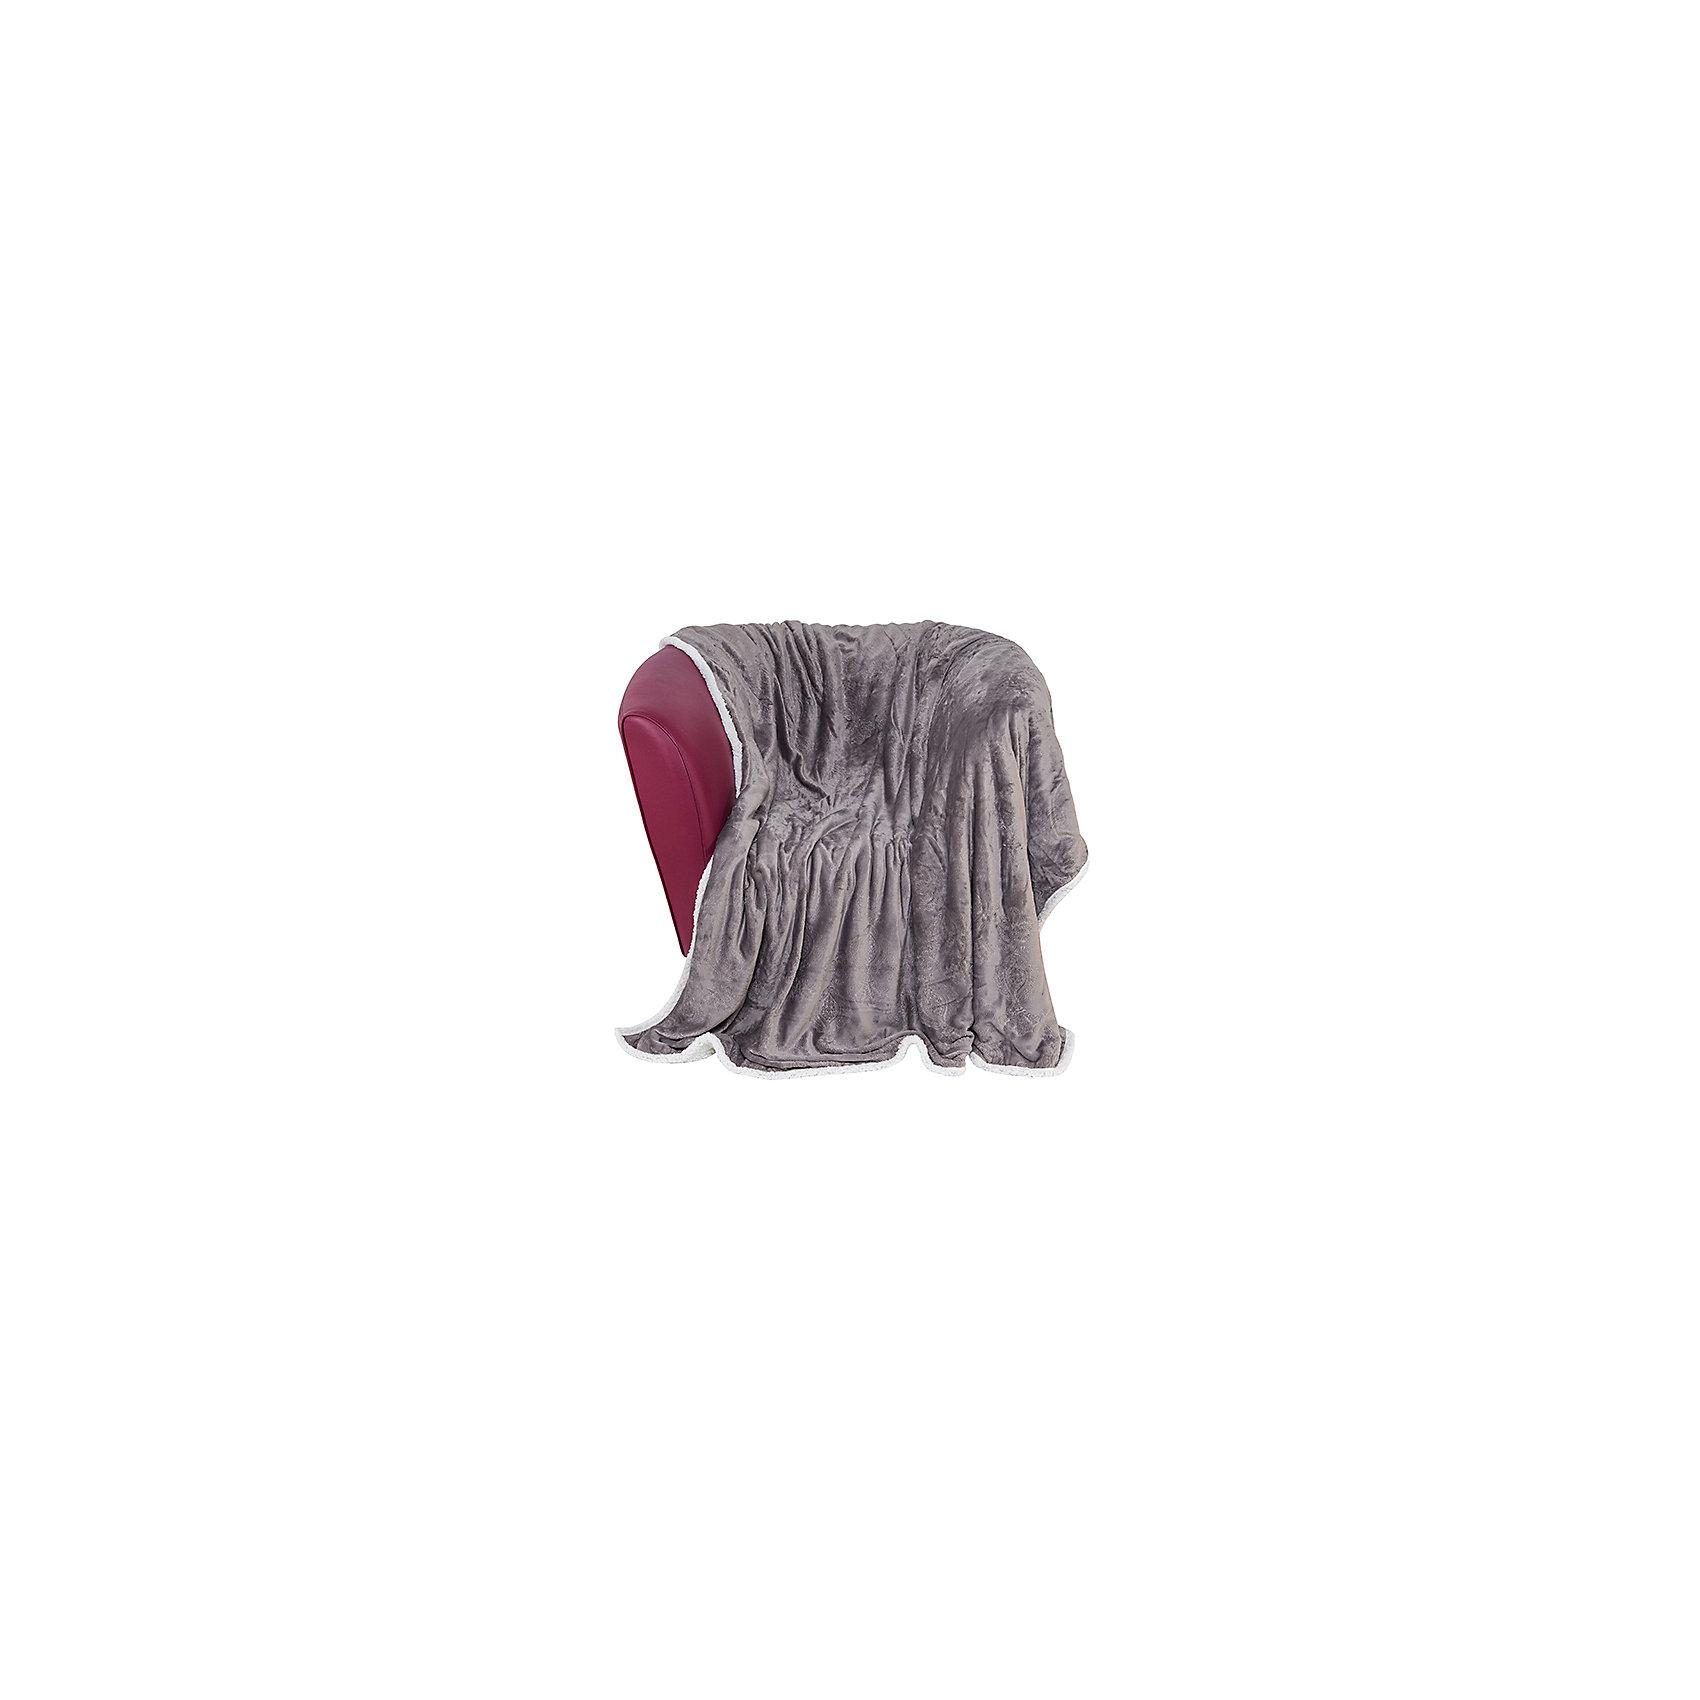 Плед 150*200 см. Серый с узором, EL CasaДомашний текстиль<br>Характеристики товара:<br><br>• цвет: мульти<br>• материал: текстиль (полиэстер 100%)<br>• размер: 150 х 200 см<br>• вес: 1500 г<br>• двусторонний<br>• очень мягкий<br>• не мнется, не деформируется<br>• долго служит<br>• упаковка: подарочная сумка с ручками<br>• универсальный размер<br>• страна бренда: Российская Федерация<br>• страна производства: Китай<br><br>Такой плед - отличный пример красивой и функциональной вещи для любого интерьера. Он очень мягкий, теплый и приятый на ощупь, благодаря универсальному дизайну и расцветке плед хорошо будет смотреться в помещении.<br><br>Плед может стать отличным приобретением для дома или подарком для любителей красивых оригинальных вещей.<br><br>Бренд EL Casa - это красивые и практичные товары для дома с современным дизайном. Они добавляют в жильё уюта и комфорта! <br><br>Плед 150*200 см. Бежевый с узором, EL Casa можно купить в нашем интернет-магазине.<br><br>Ширина мм: 370<br>Глубина мм: 310<br>Высота мм: 170<br>Вес г: 1667<br>Возраст от месяцев: 0<br>Возраст до месяцев: 1188<br>Пол: Унисекс<br>Возраст: Детский<br>SKU: 6668816